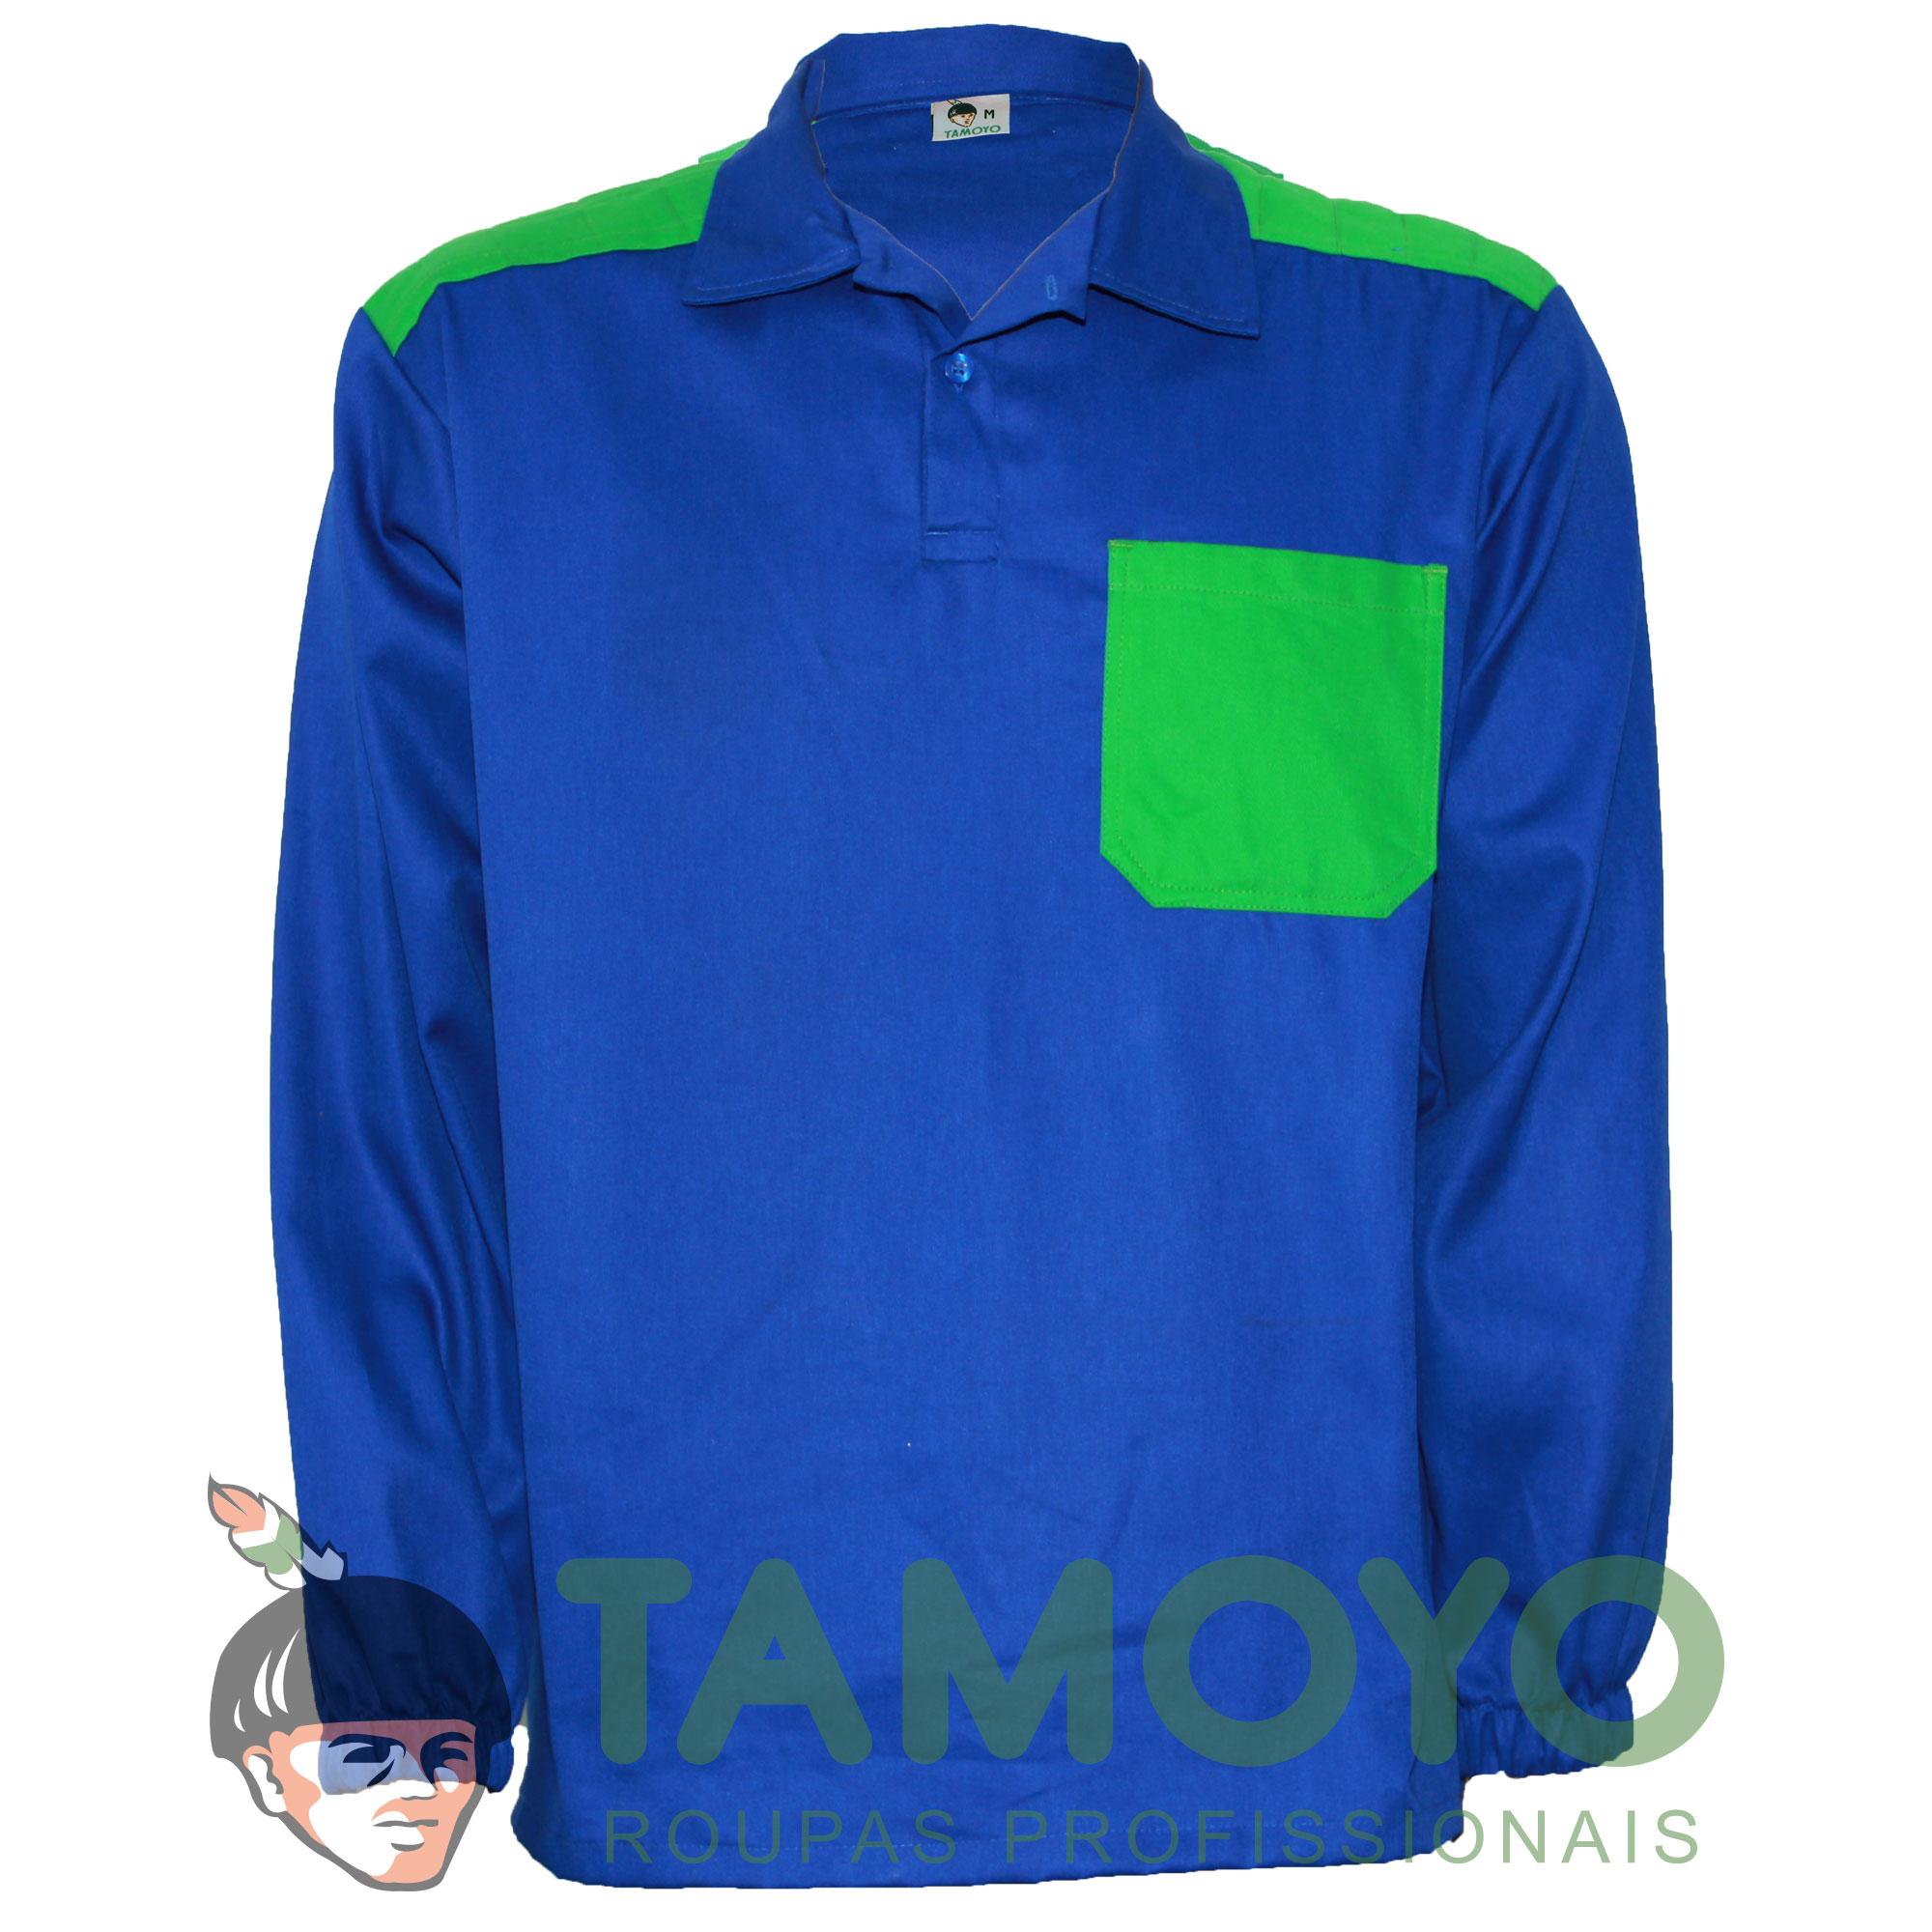 Camisa Gola Polo Manga Longa com Reforço